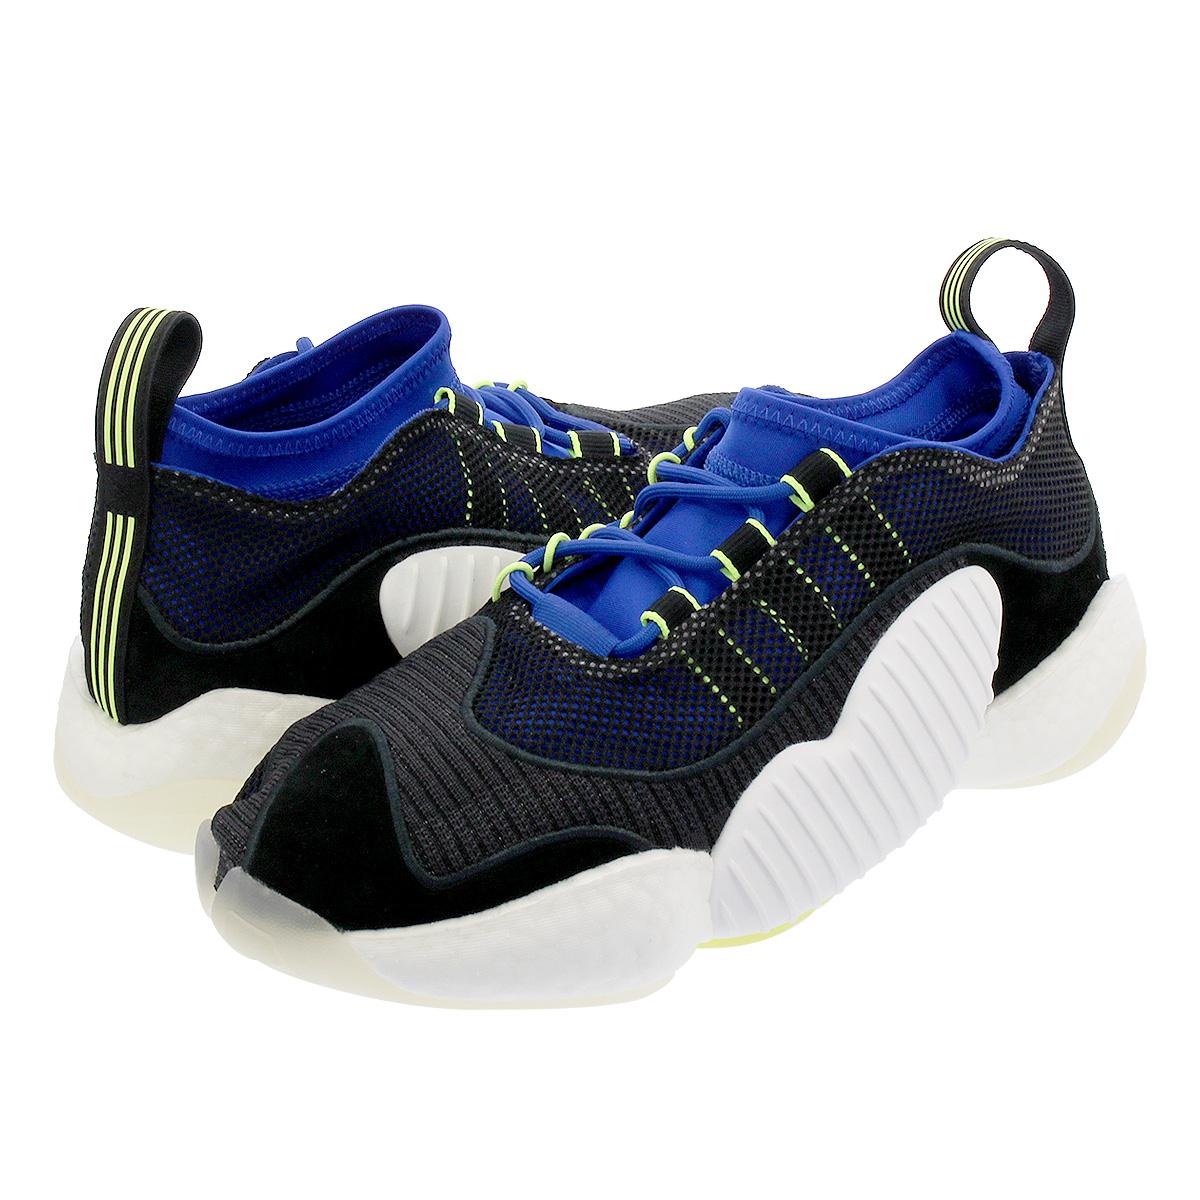 【毎日がお得!値下げプライス】 adidas CRAZY BYW LVL II アディダス クレイジー BYW LVL II CORE BLACK/RUNNING WHITE/YELLOW bd7998